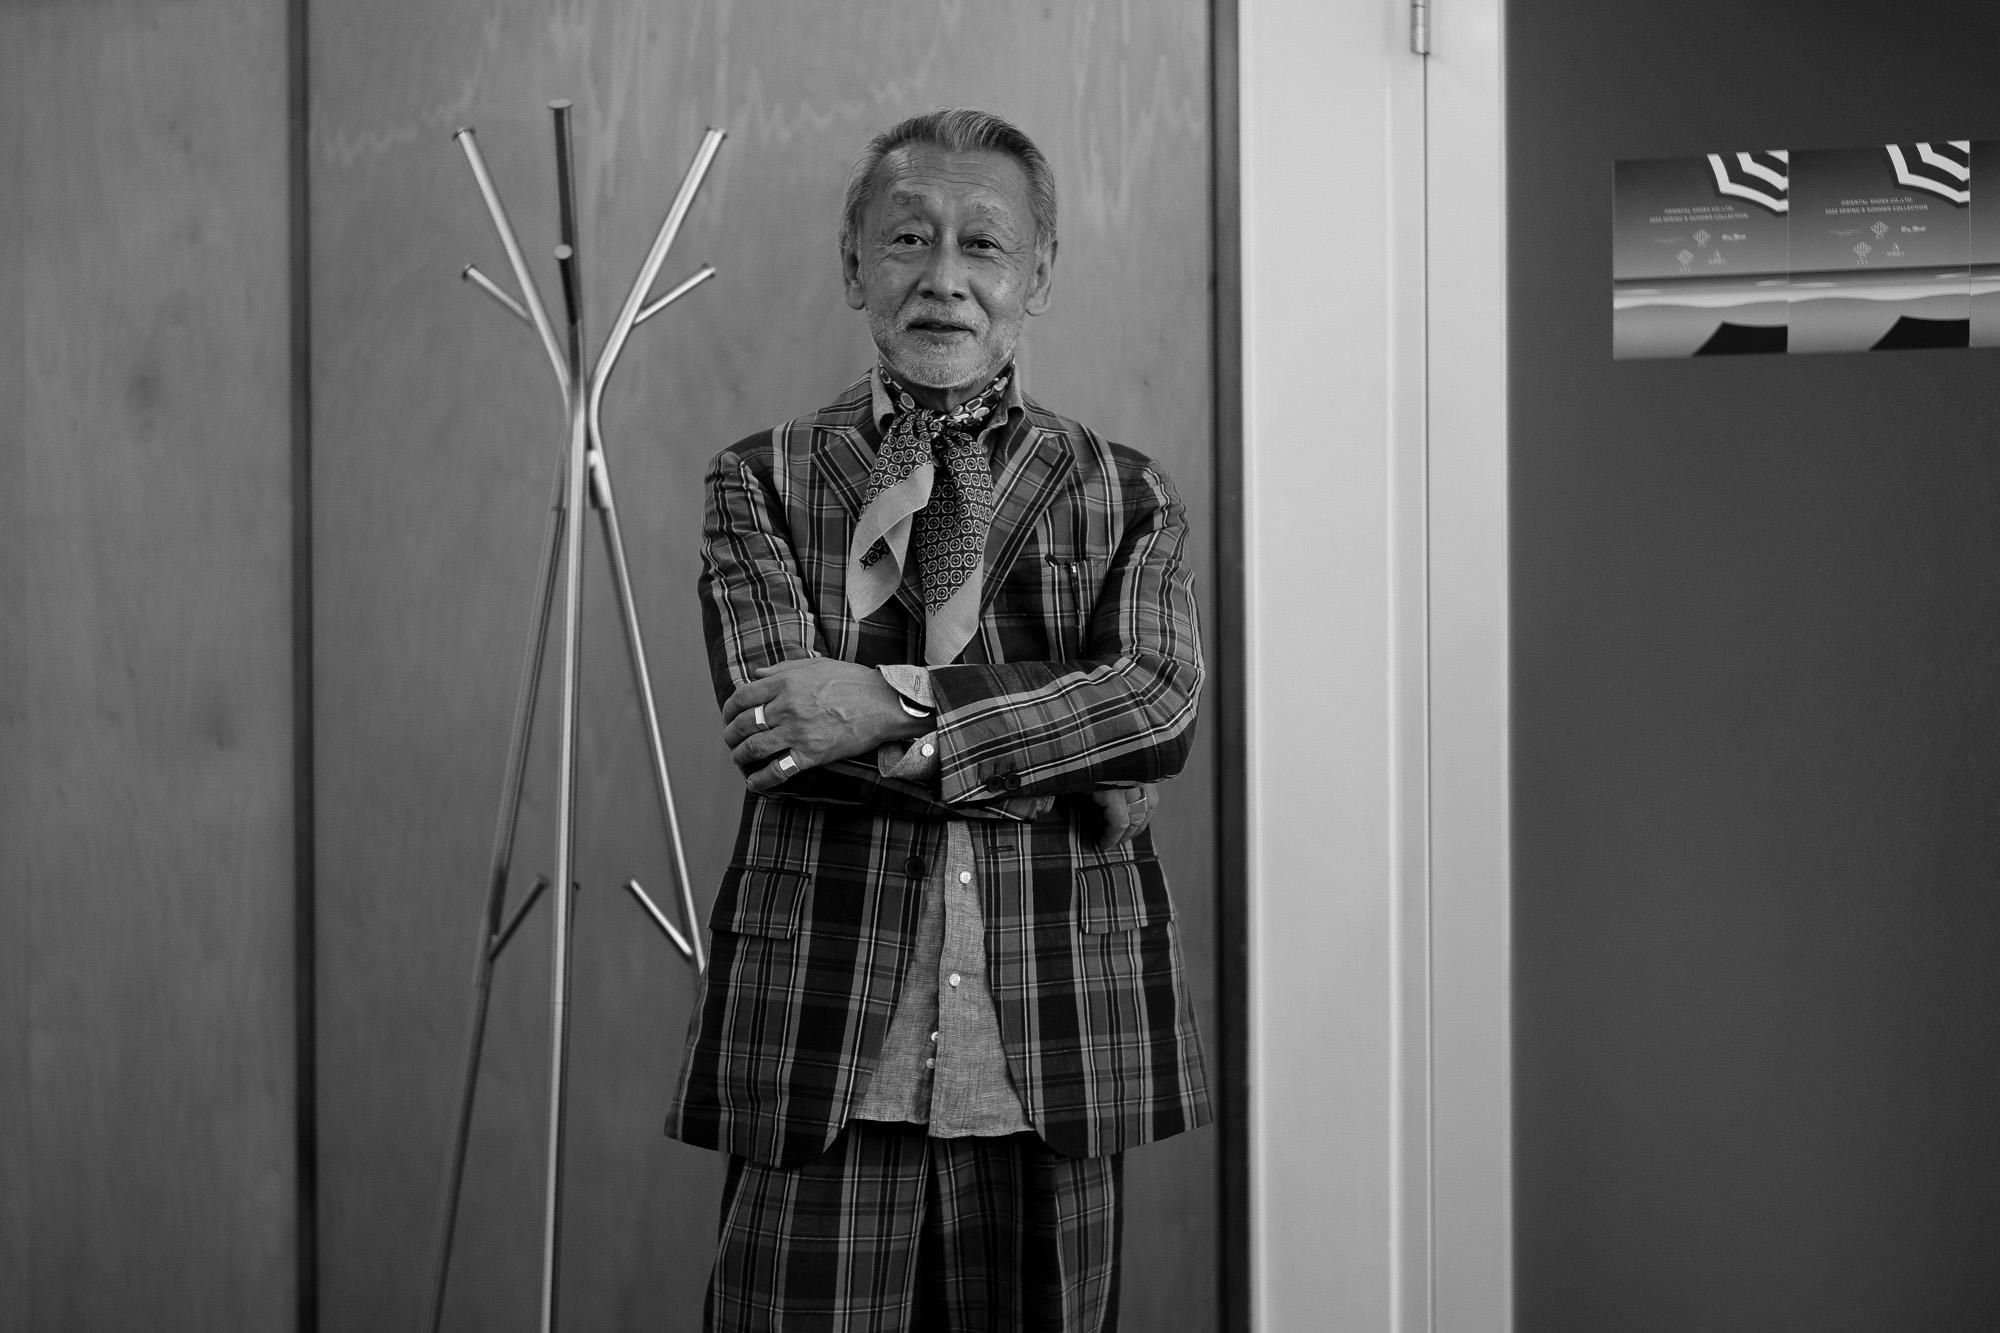 HIROSHI TSUBOUCHI ヒロシツボウチ WH ダブルエイチ 展示会 愛知 名古屋 altoediritto アルトエデリット スニーカー ドレスシューズ 2020年7月29日 坪さん ツボさん